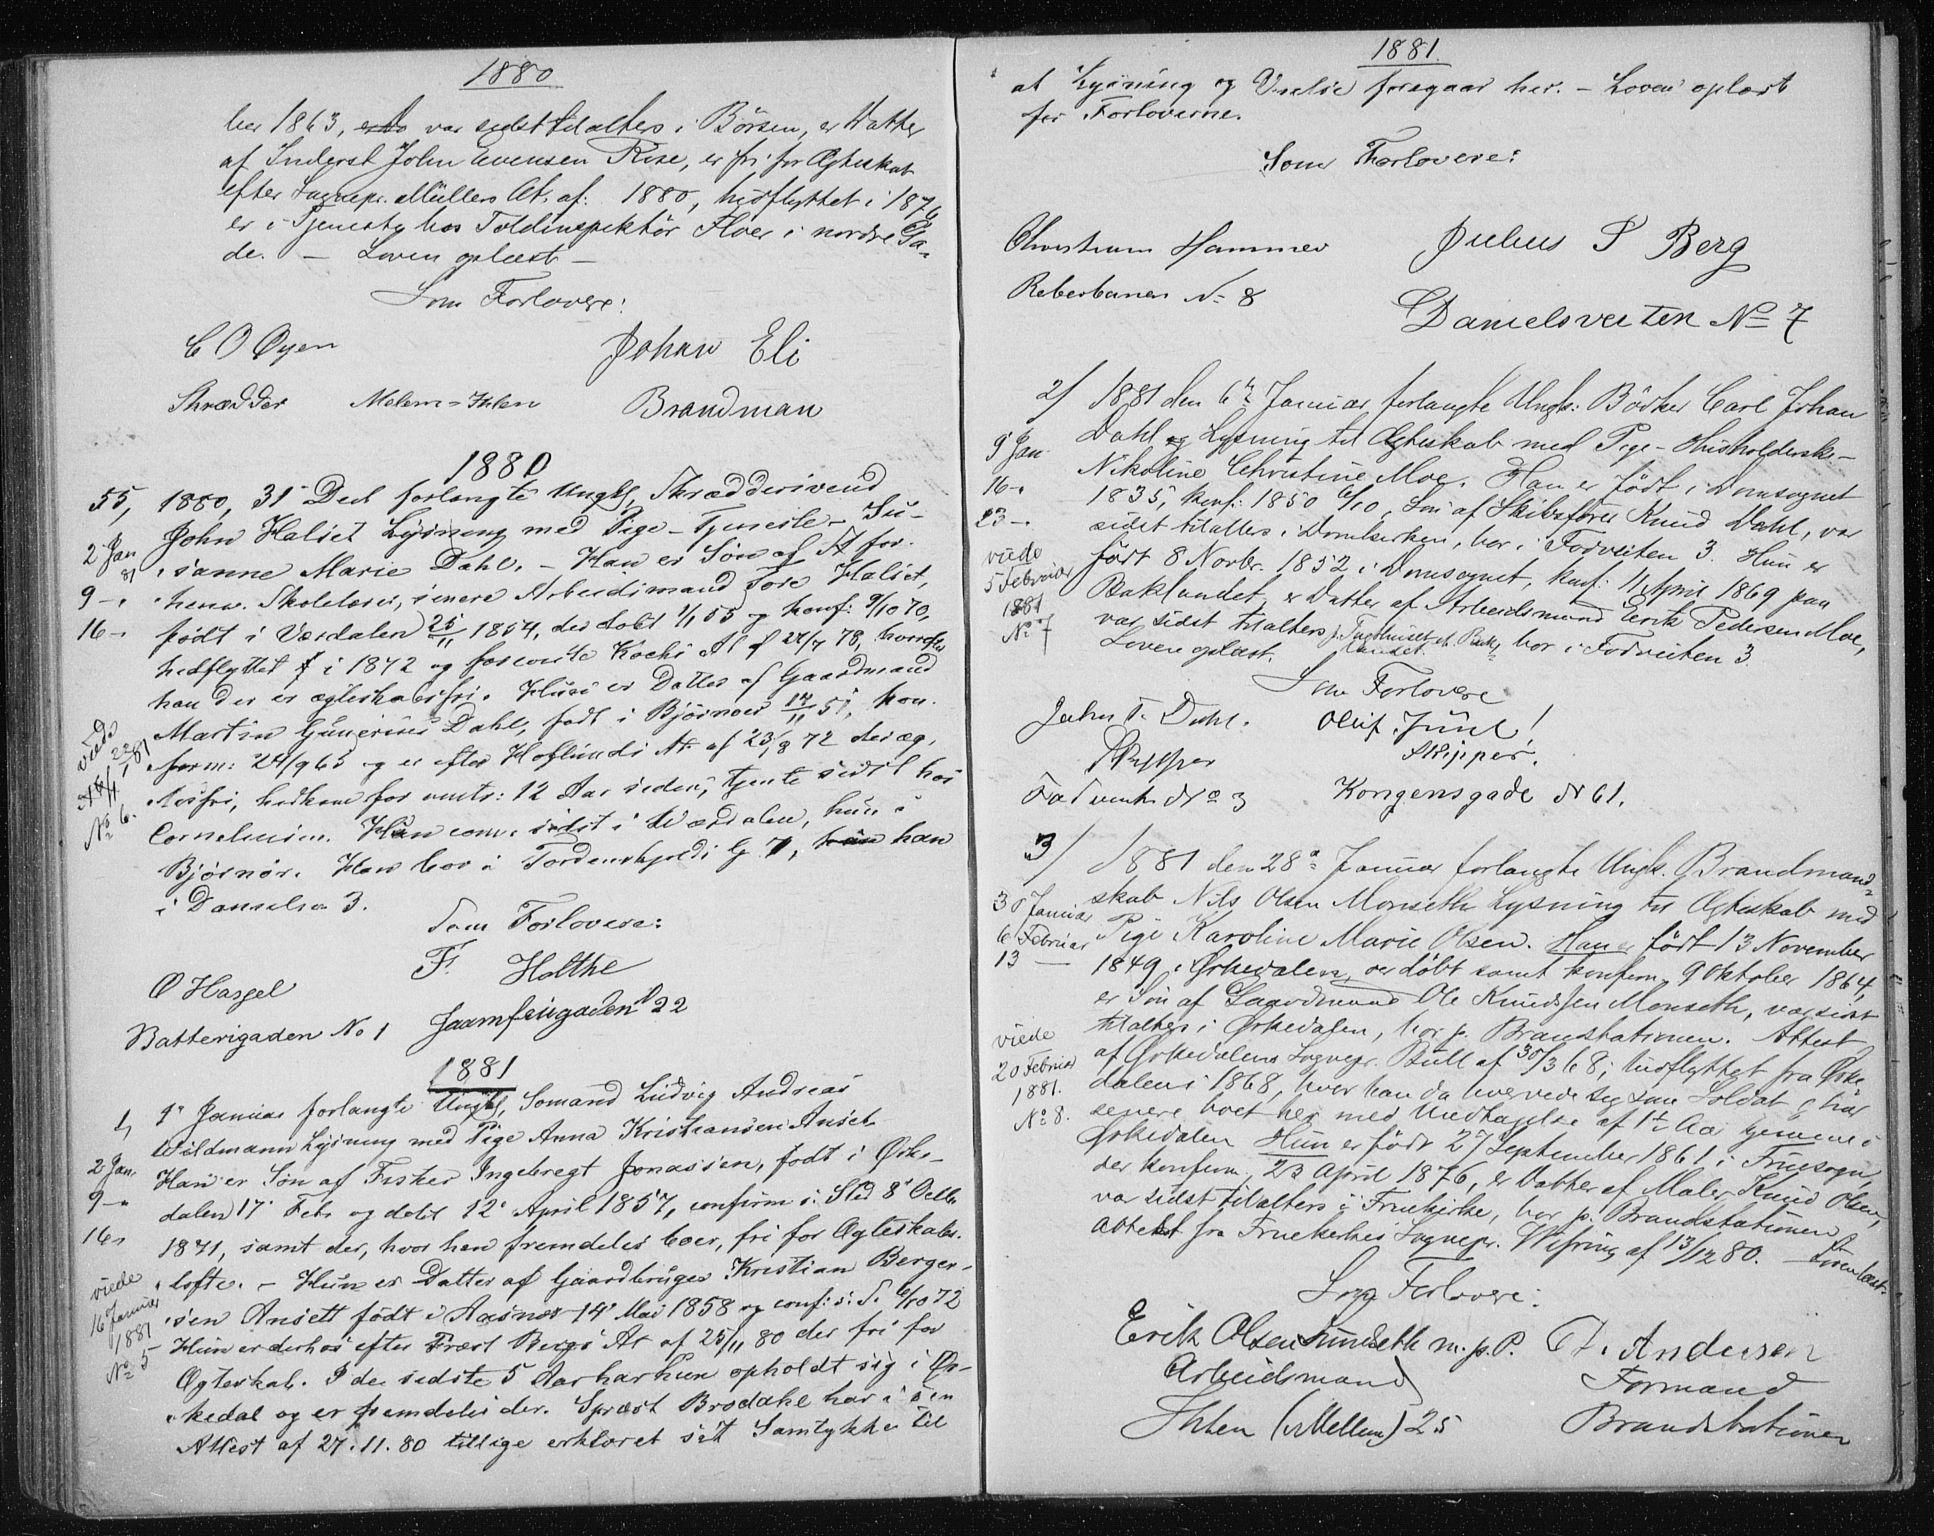 SAT, Ministerialprotokoller, klokkerbøker og fødselsregistre - Sør-Trøndelag, 601/L0056: Ministerialbok nr. 601A24, 1867-1883